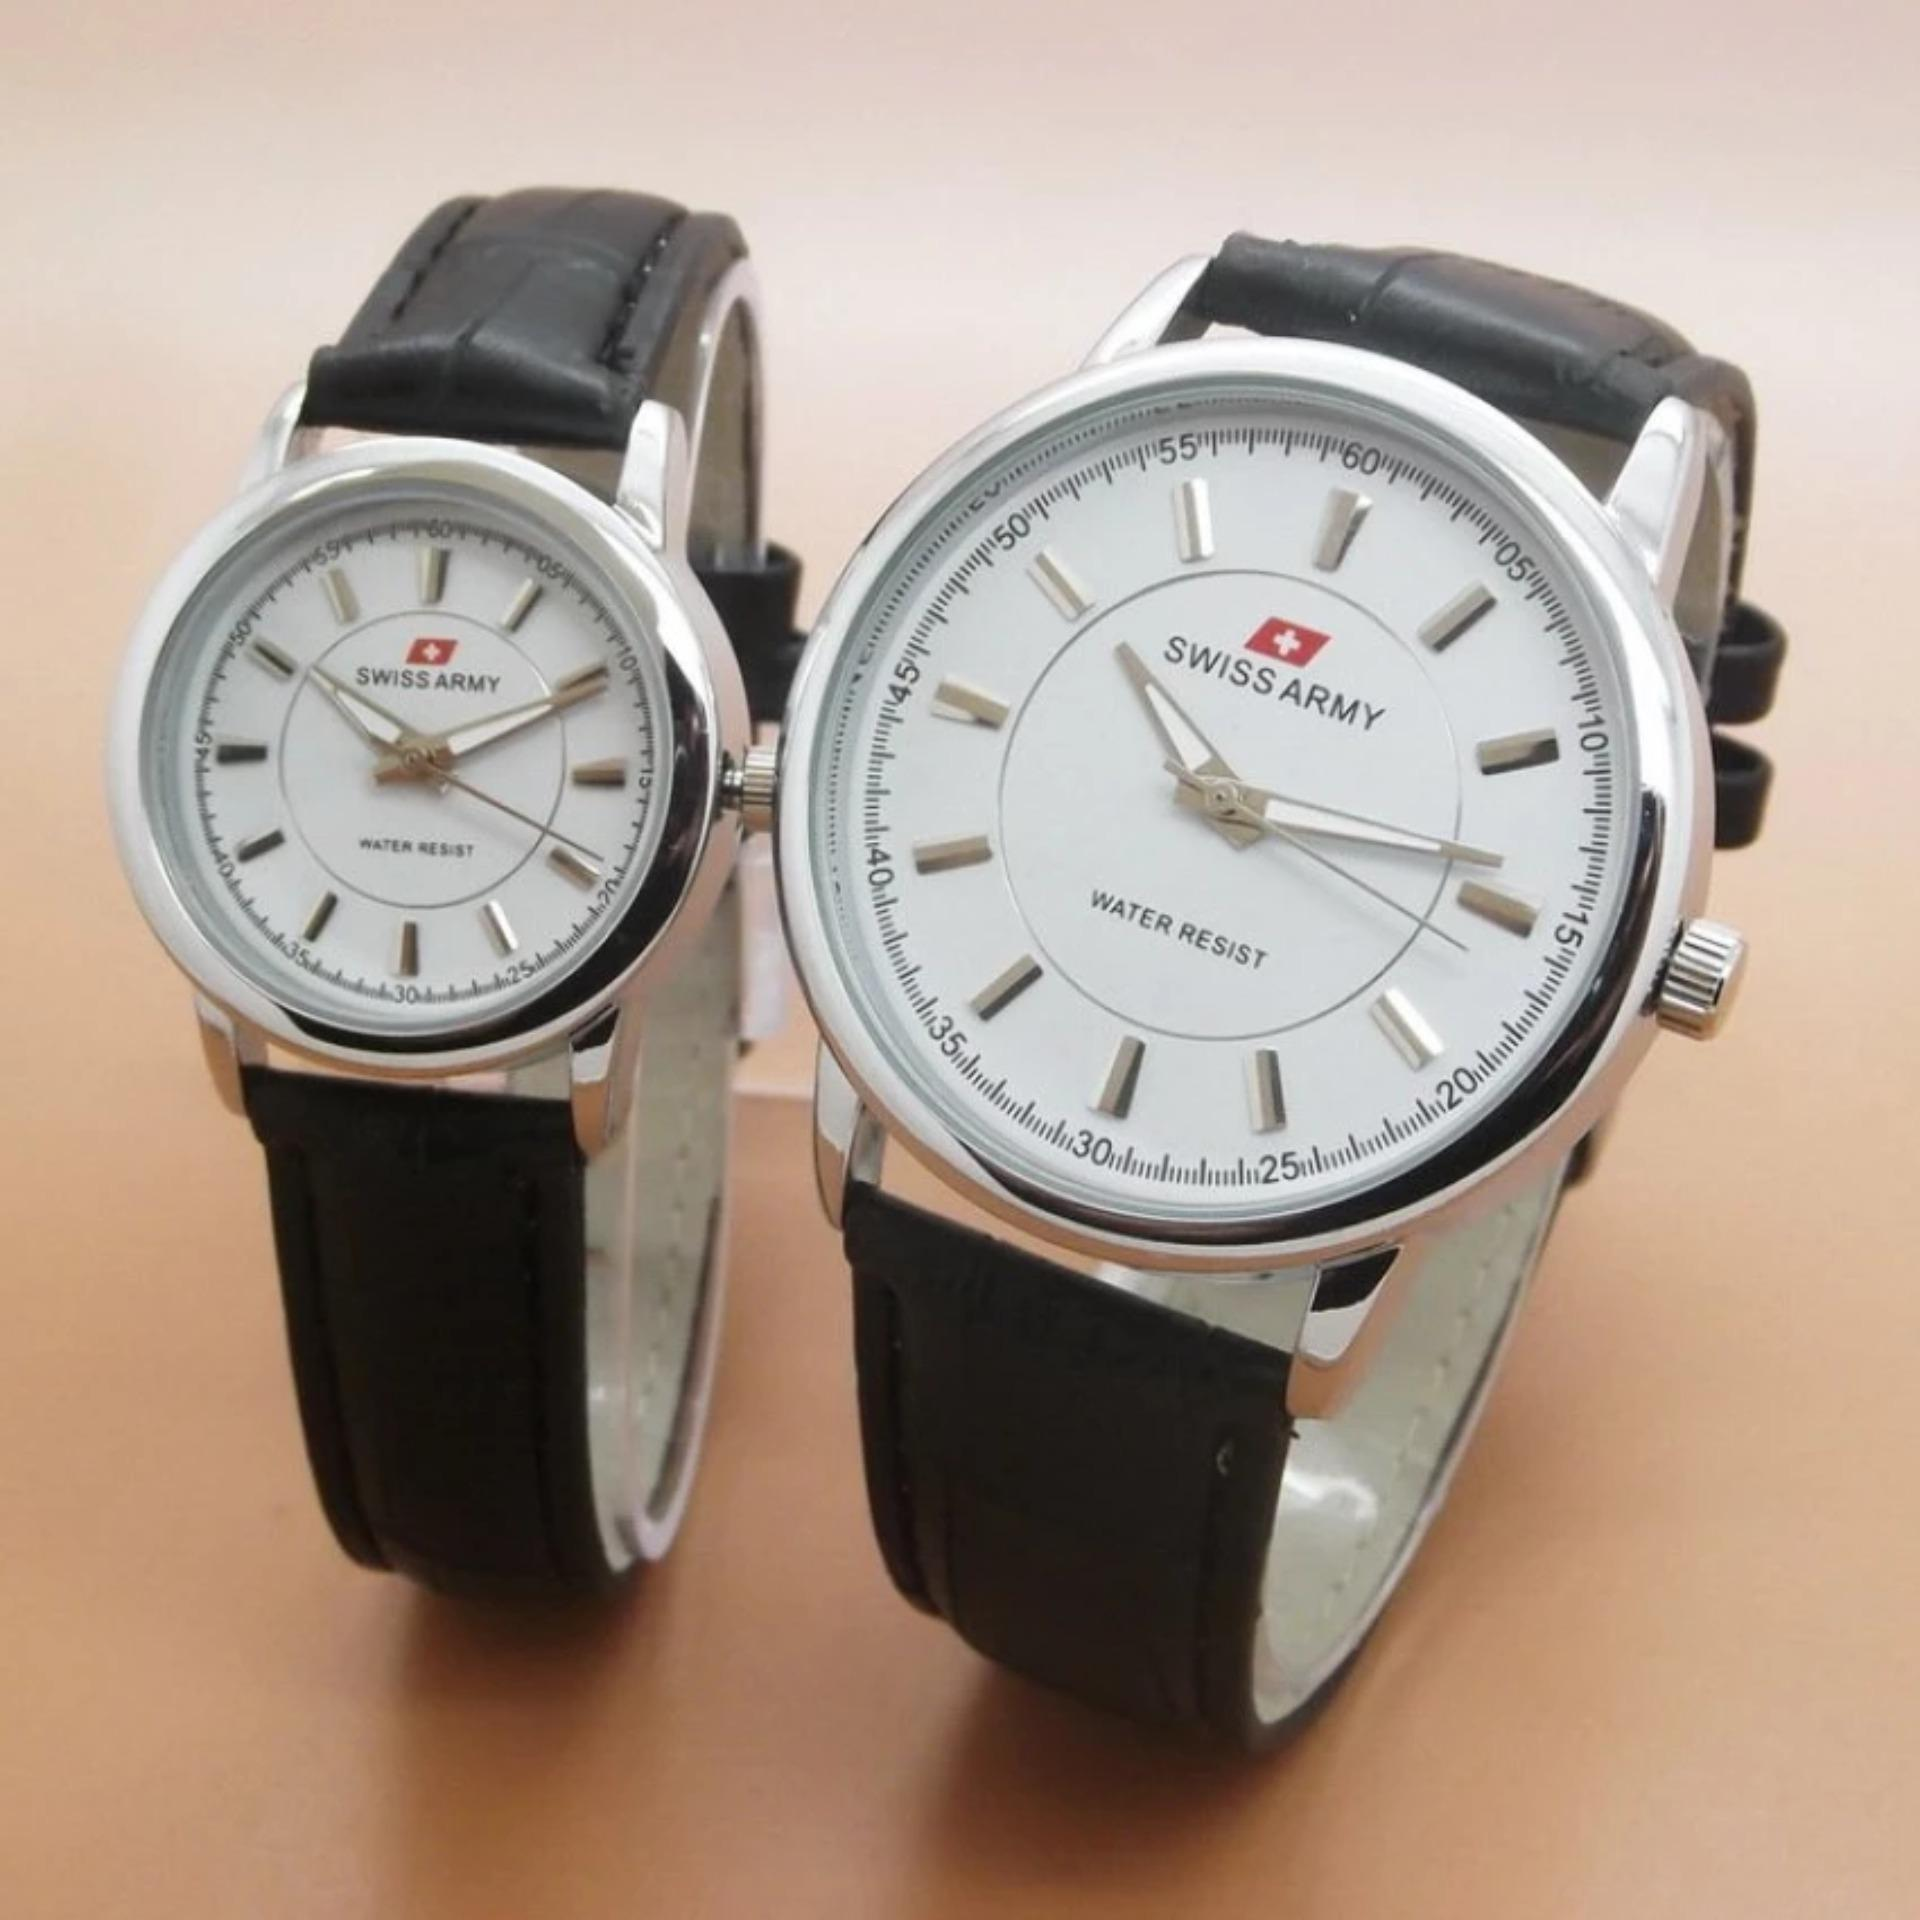 Jam Tangan Couple Series Swiss Army Strap Kulit Hitam Dial Putih SA445 Terbaru .